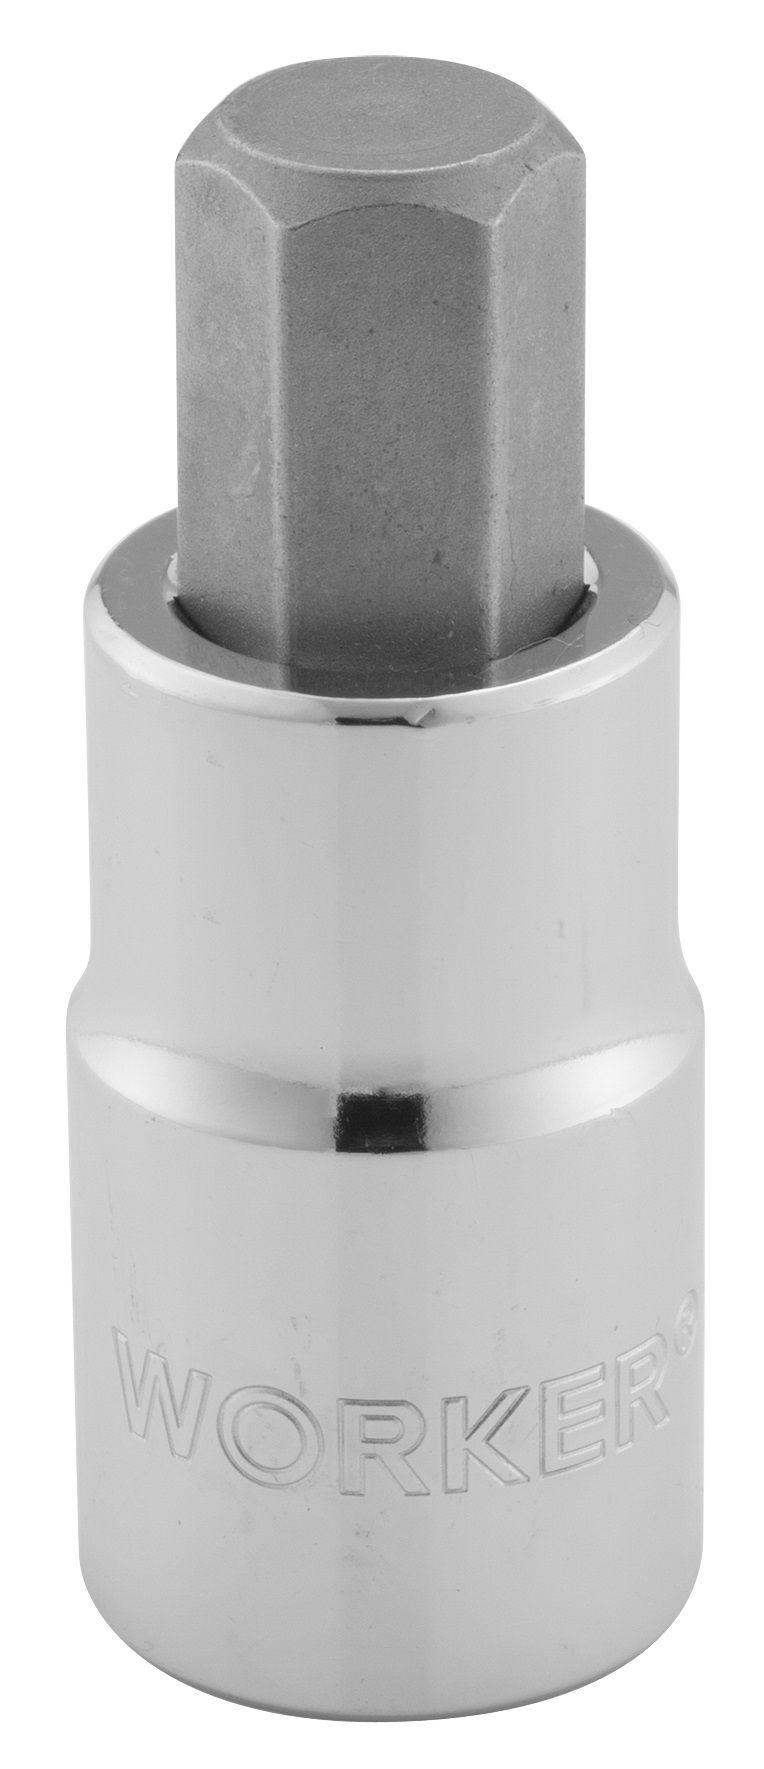 Chave Soquete Encaixe de 1/2 Hexagonal Medida 4mm Worker